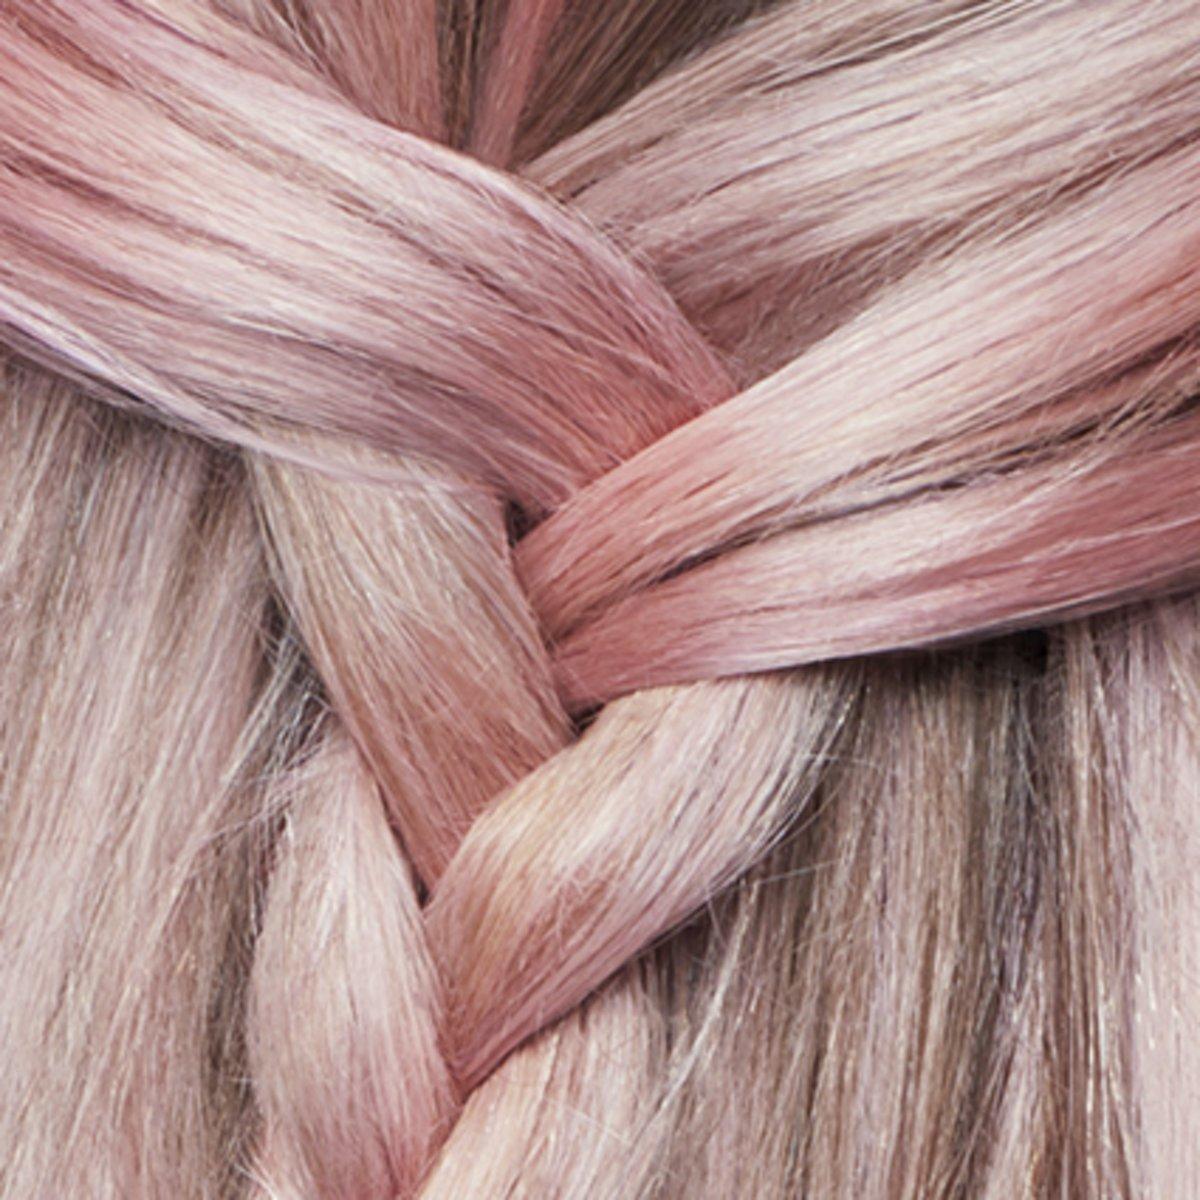 roze spoeling haar